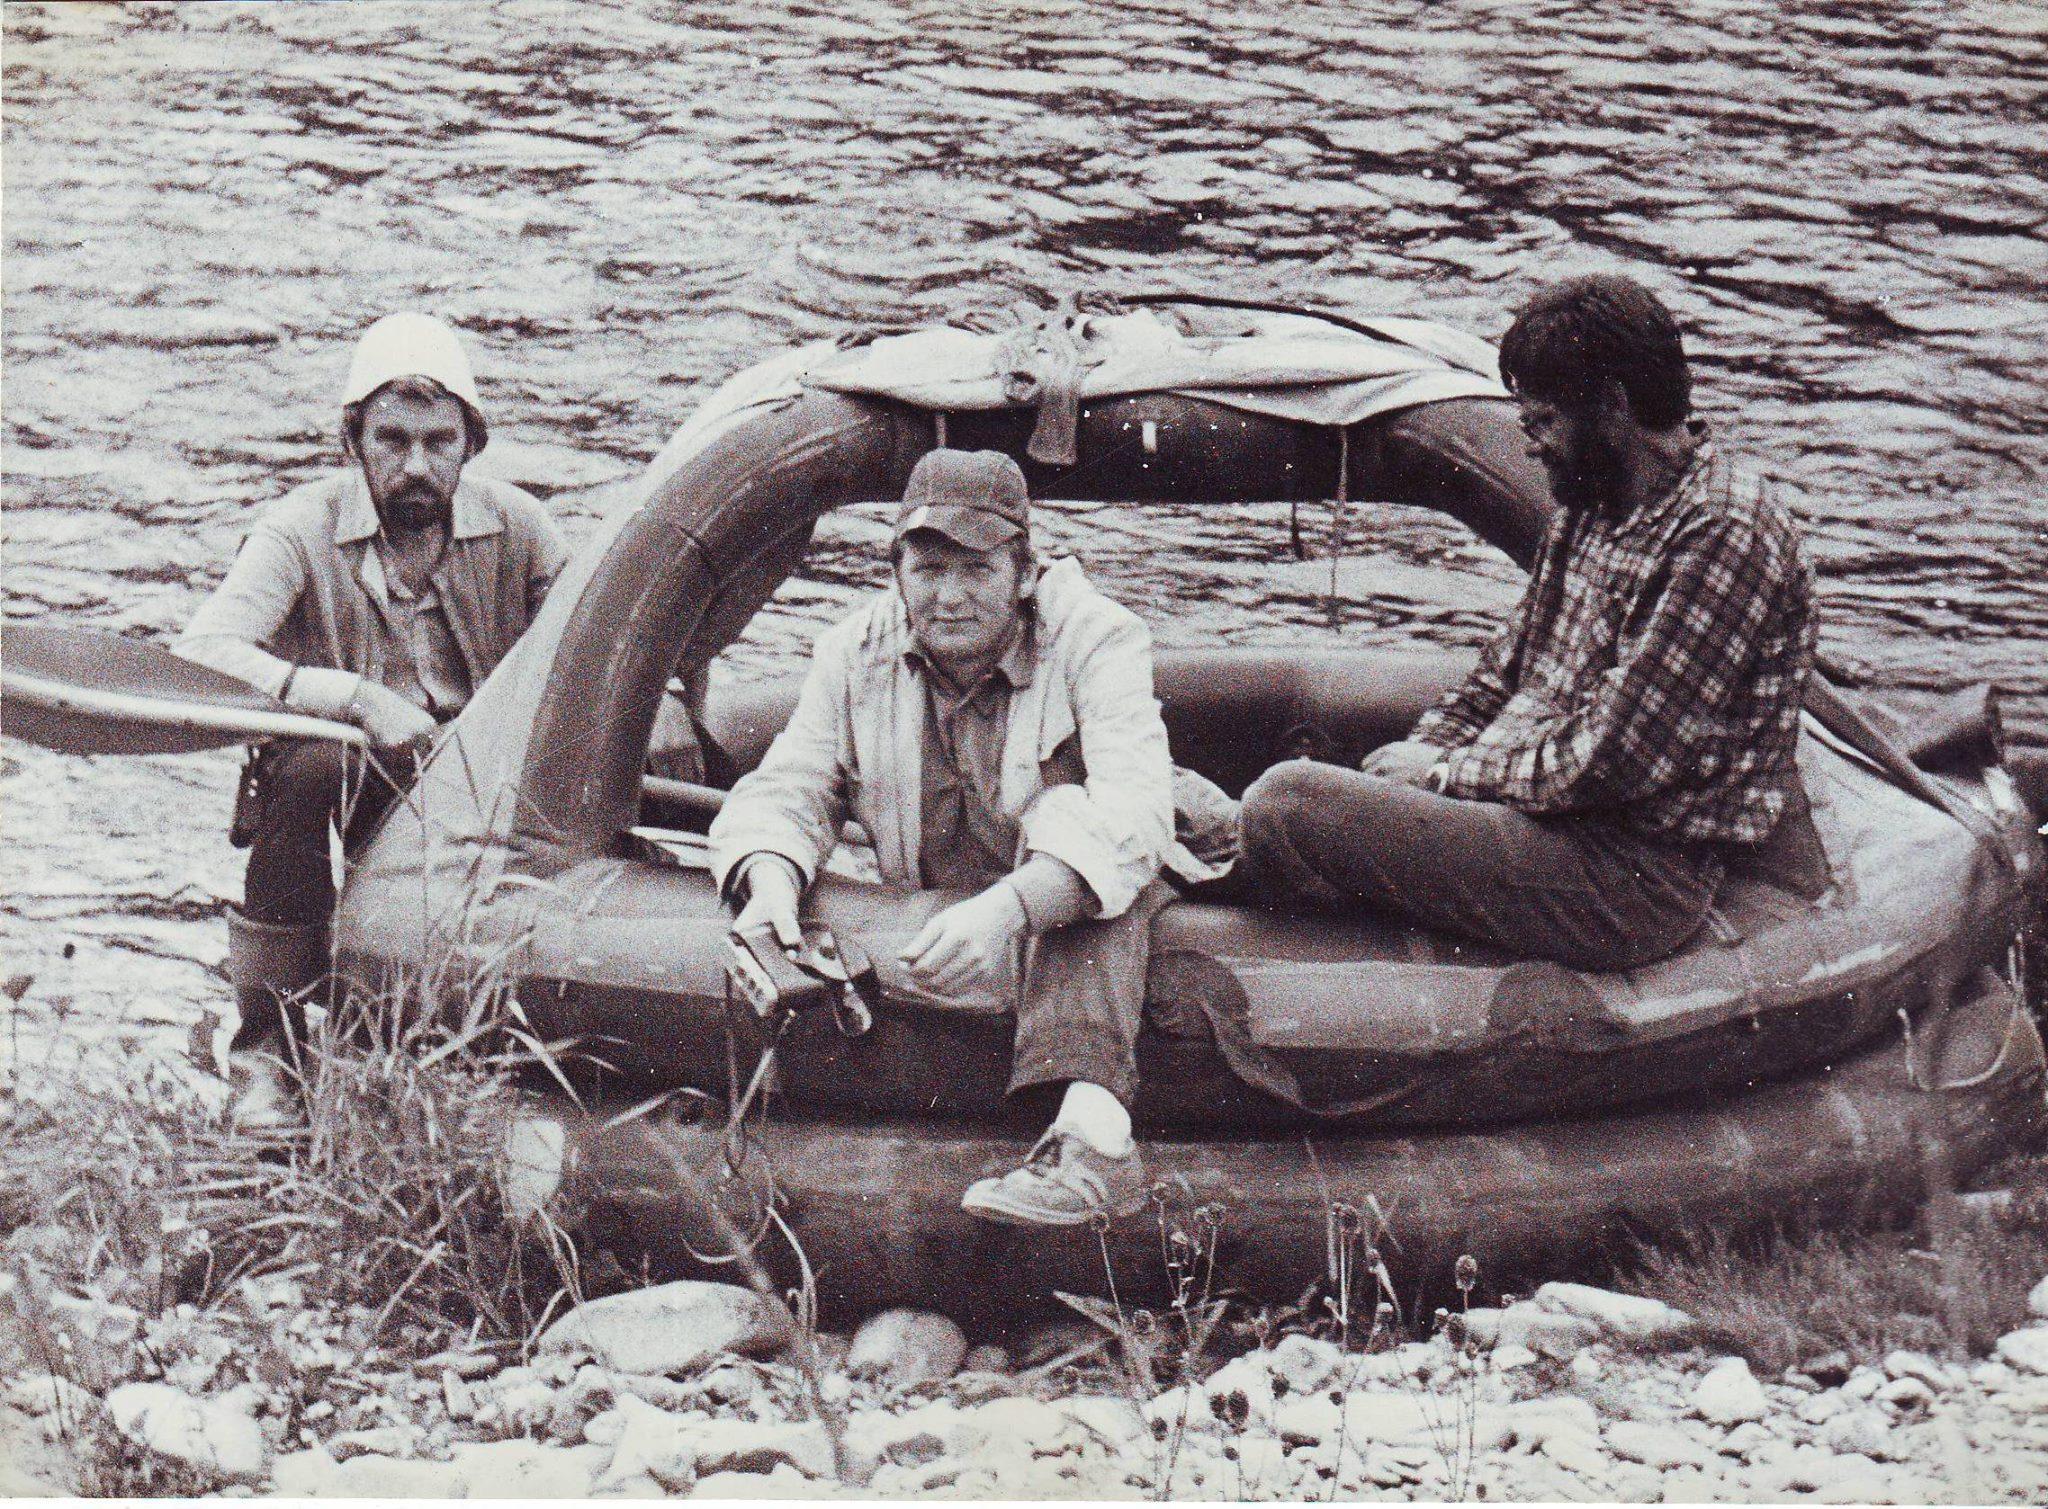 """5. Фотография из FB: """"Фото 1988 года. Мы на реке Кии. Слева Володя Соколов, посередь Серёжа Калинин (Царство ему Небесное), справа наш капитан Виктор Зайцев. Странное резиновое судно называется ПСН, то есть - плот спасательный надувной. Я по эту сторону """"Зенита"""" и объектива """"Гелиос""""."""" © В.Б. Попок"""